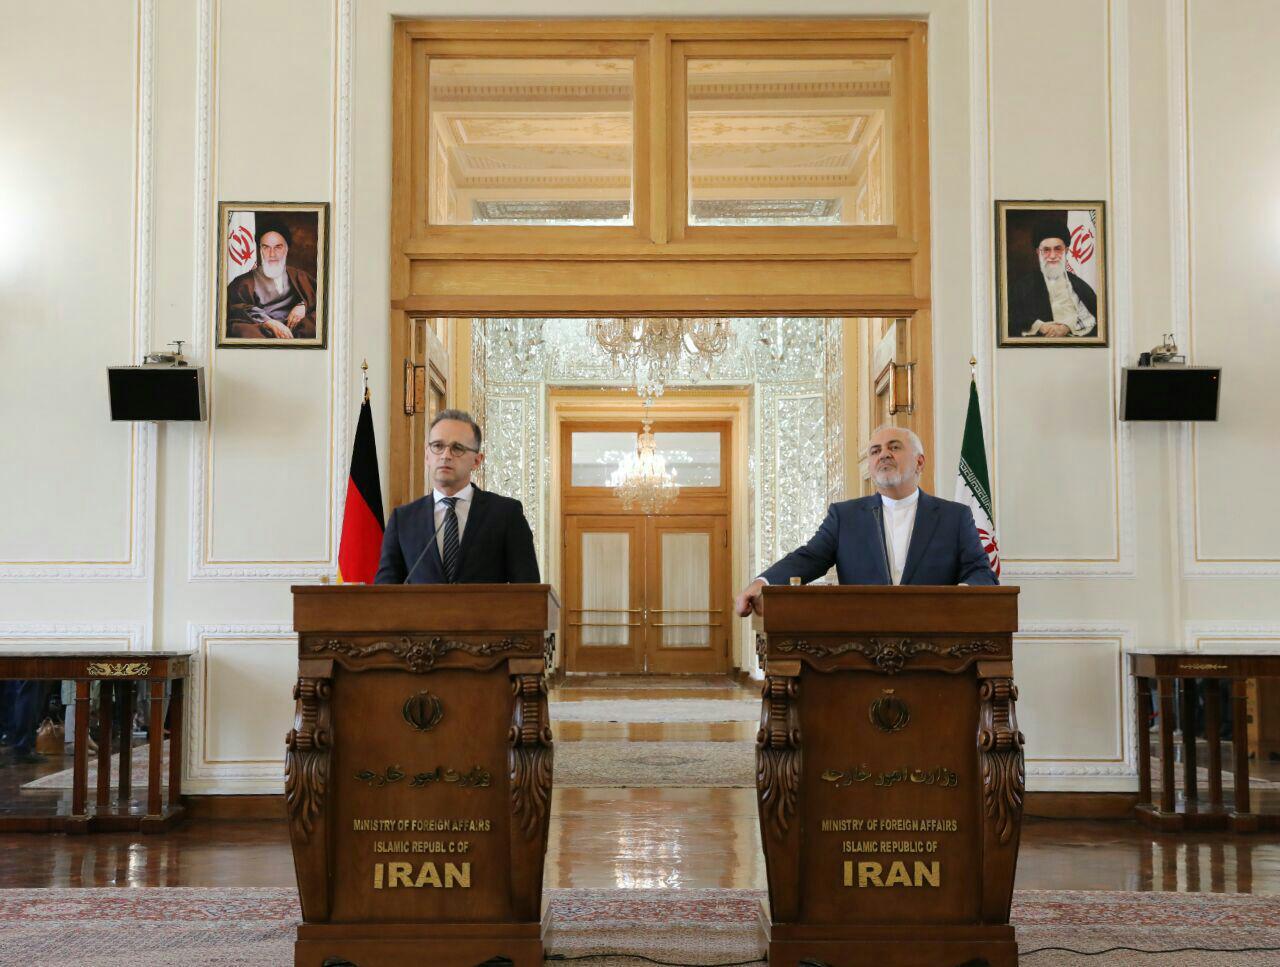 ظریف: ایران موظف است علاوه بر تعهدات بین المللی به حقوق مردمش هم پایبند باشد/ ماس: نمیتوانیم در خصوص برجام معجزه کنیم